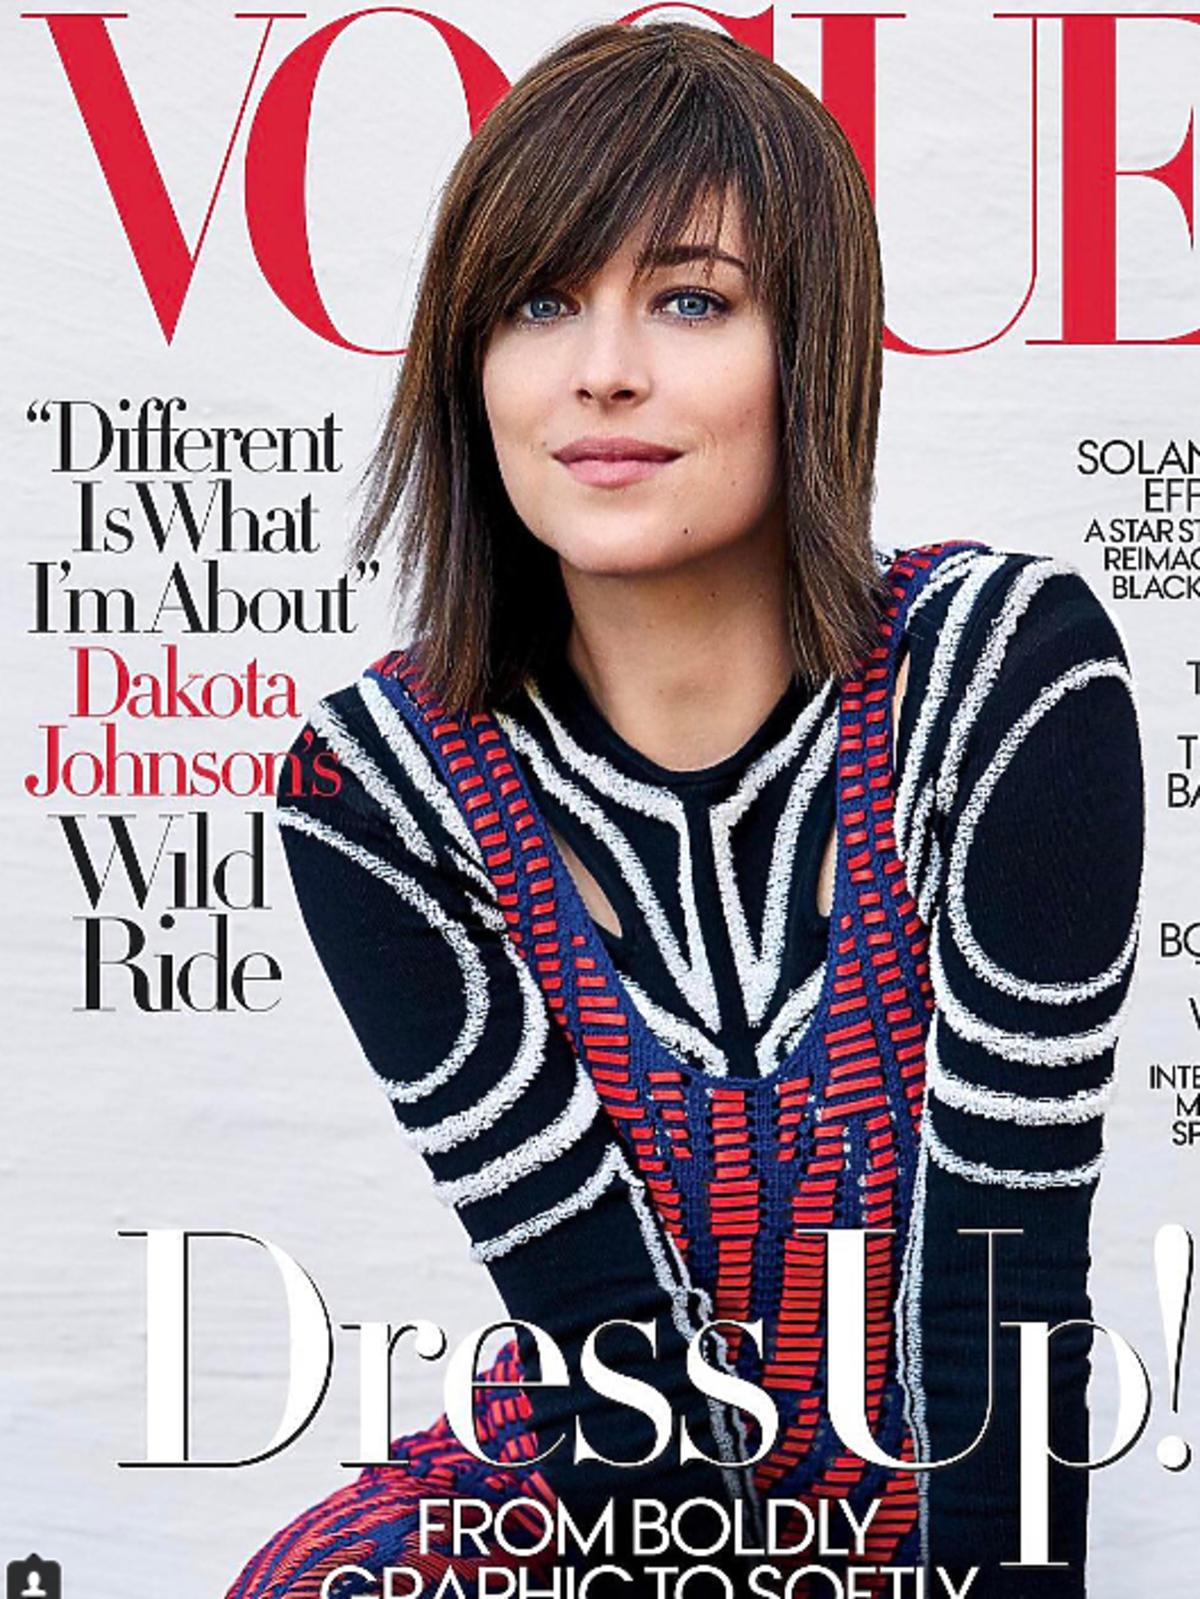 Dakota Johnson w nowej fryzurze na okładce Vogue